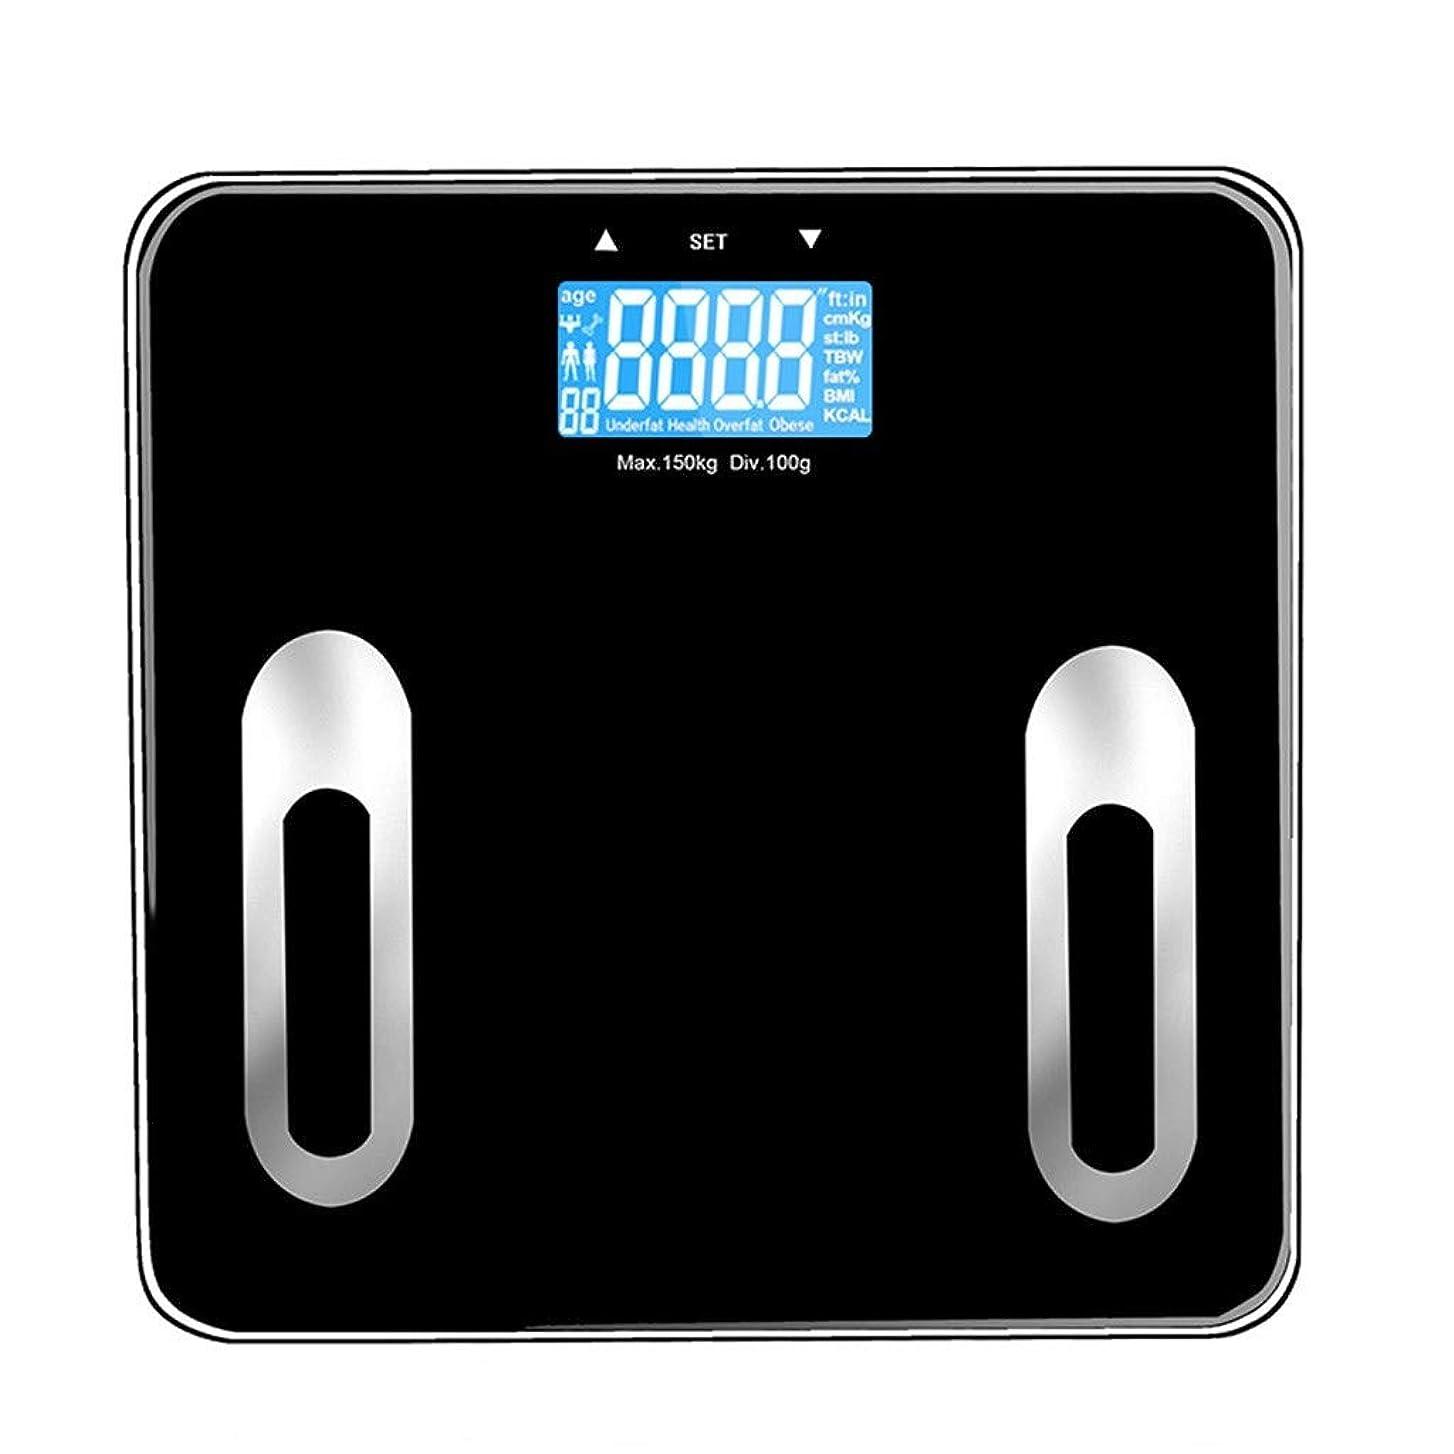 意識スキャンダルシャンプーデジタル体重計高精度大人の健康な失う体重浴室スケール体脂肪スケール180キログラム容量スマートタッチスクリーンブラック